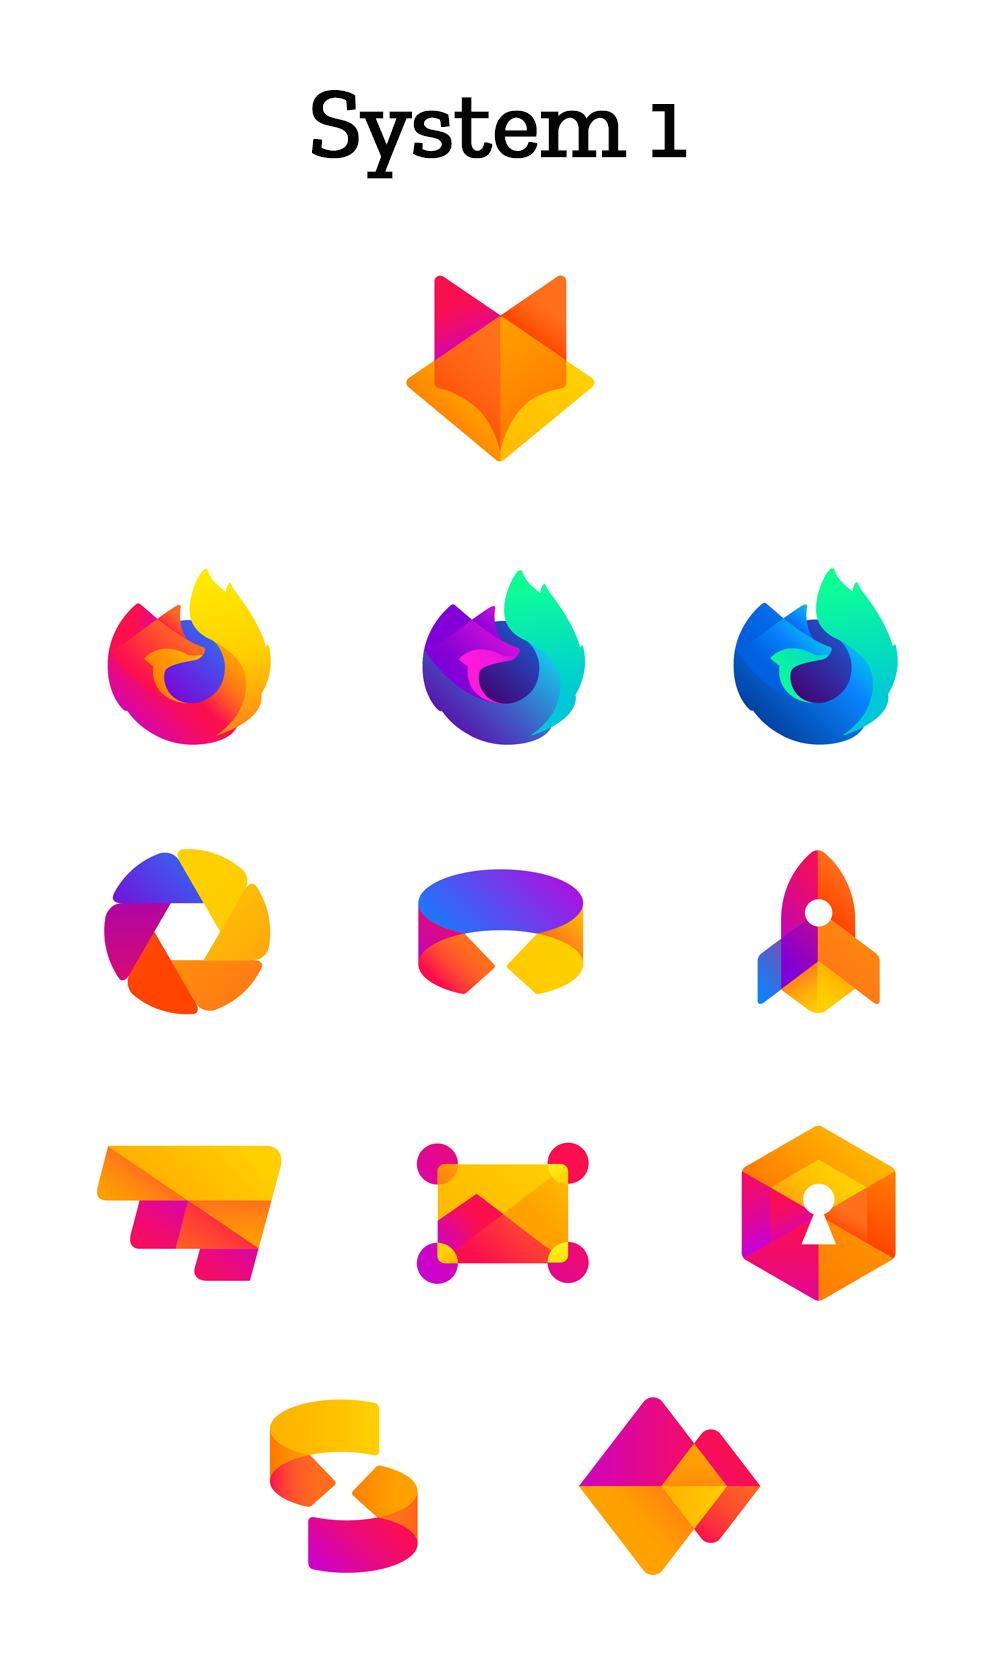 Η Mozilla ξεκινάει την επανασχεδίαση του λογότυπου του Firefox, προτείνει νέες εικονες  Mozill10